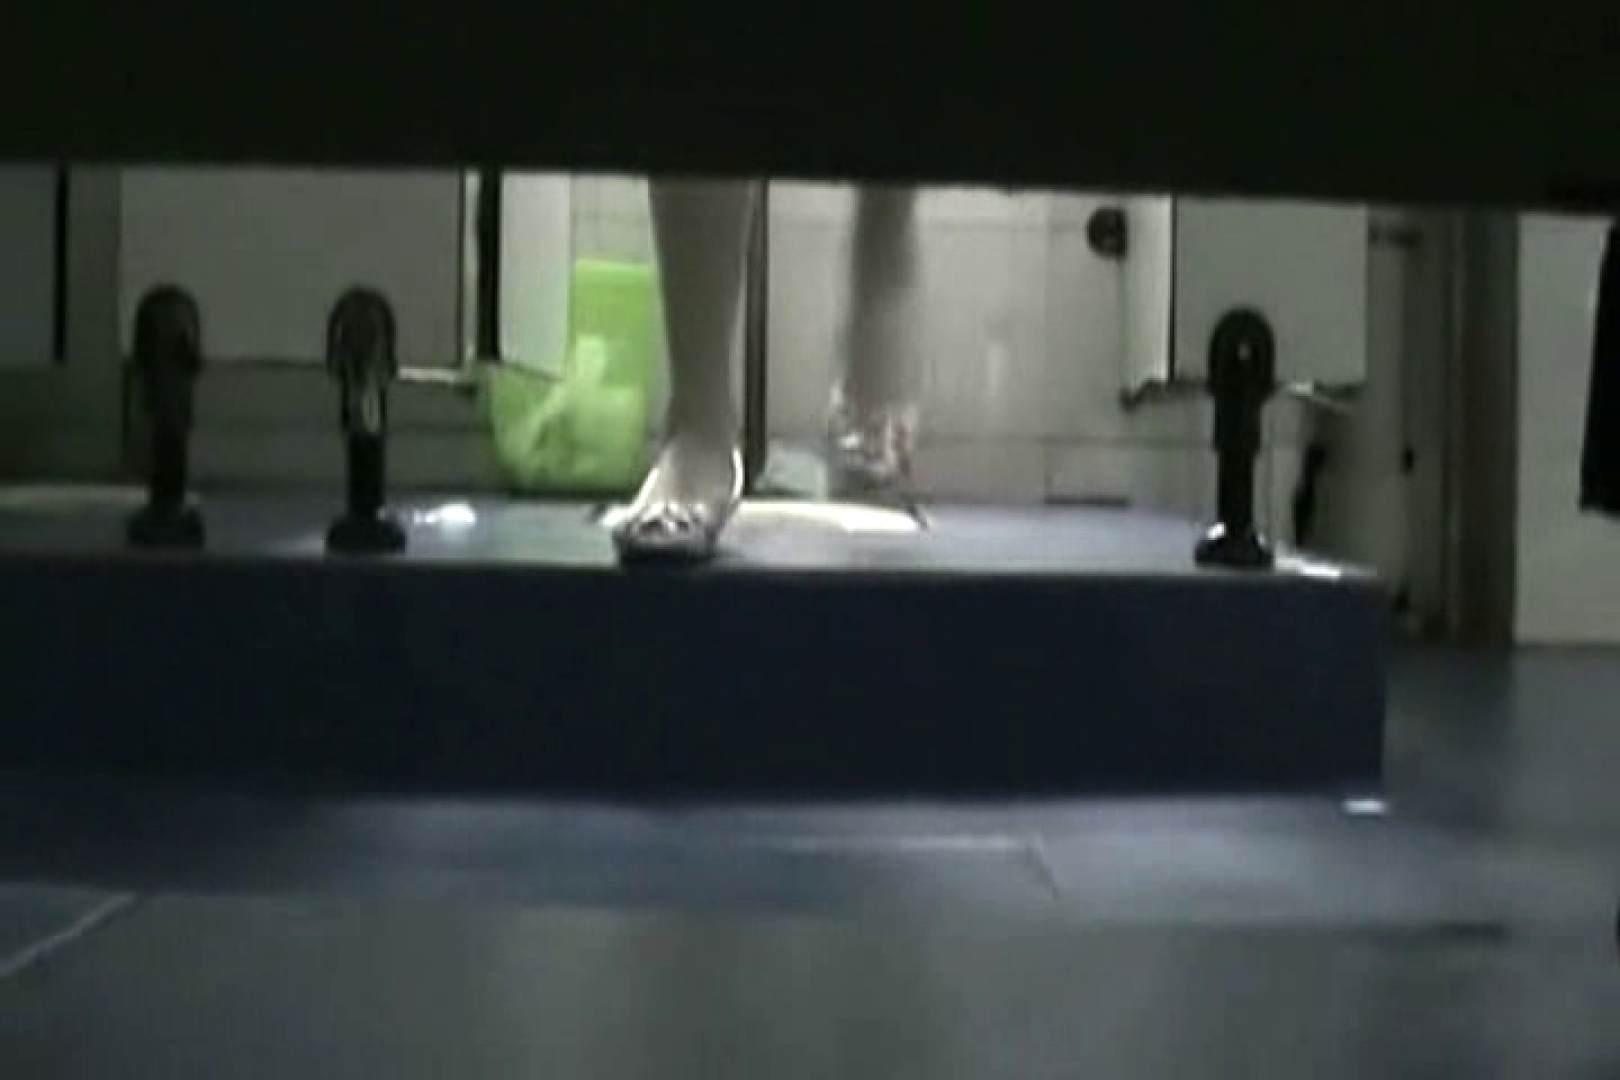 ぼっとん洗面所スペシャルVol.15 小悪魔ギャル | 洗面所  36連発 1